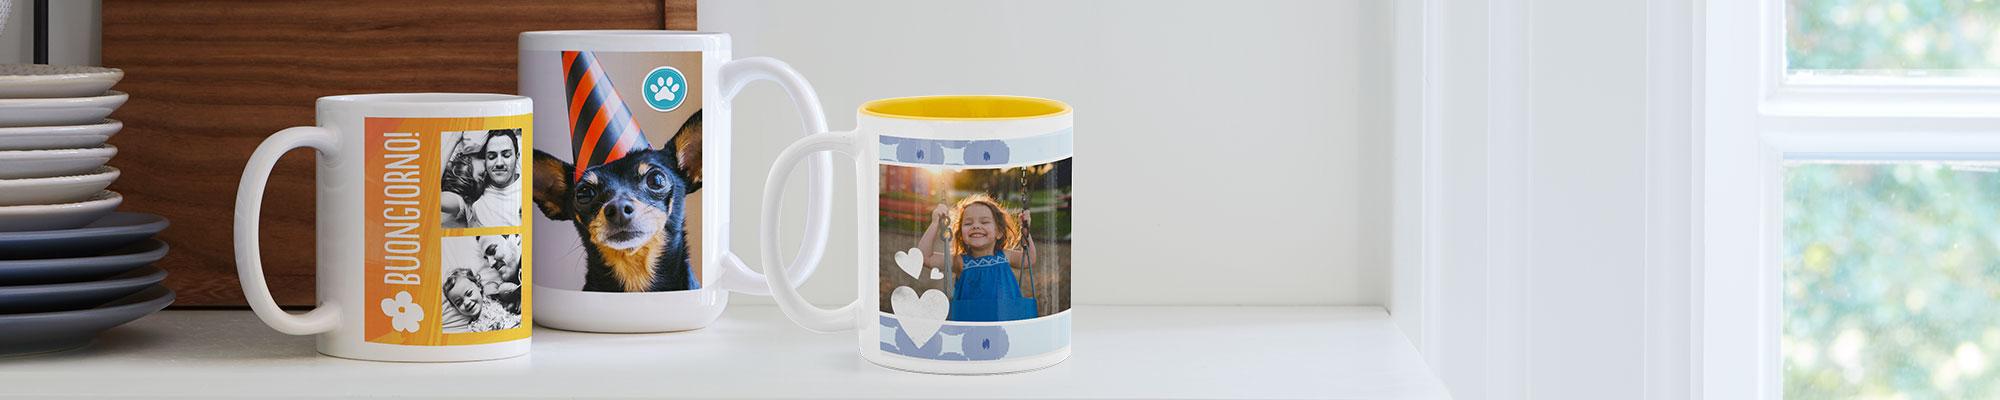 Tazze personalizzate Una tazza fotografica personalizzata rende speciale la tua colazione o la tua pausa. Crea un regalo unico e personale.